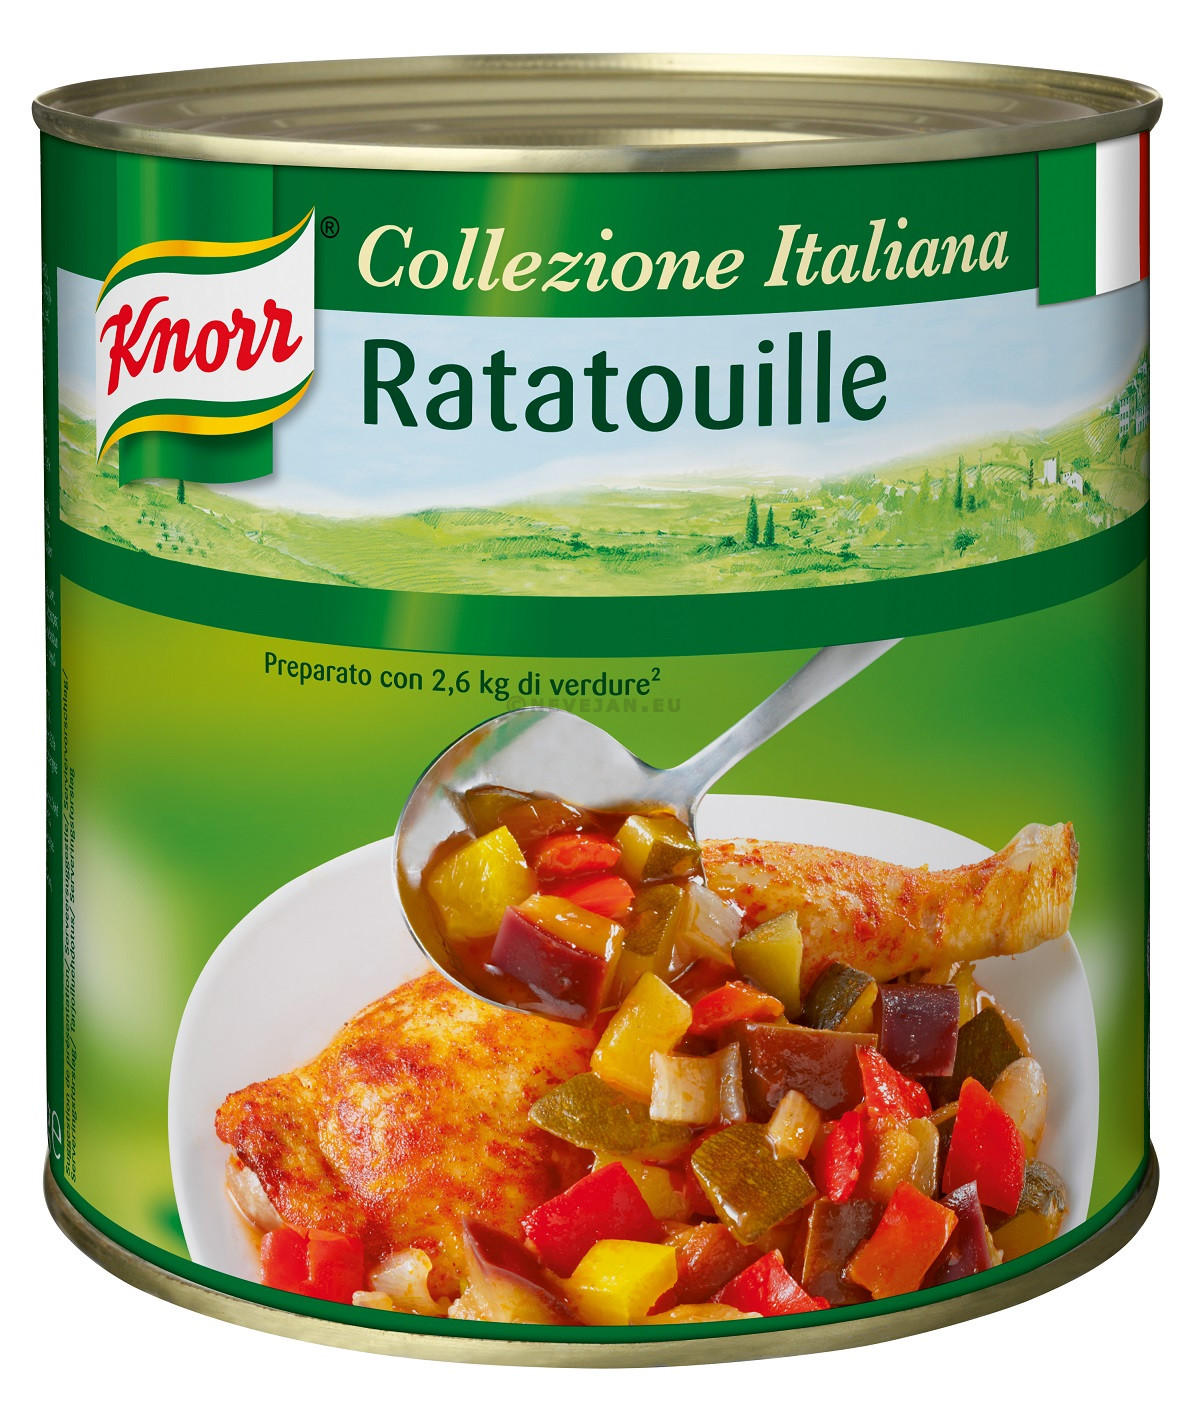 Knorr Ratatouille 3L Collezione Italiana